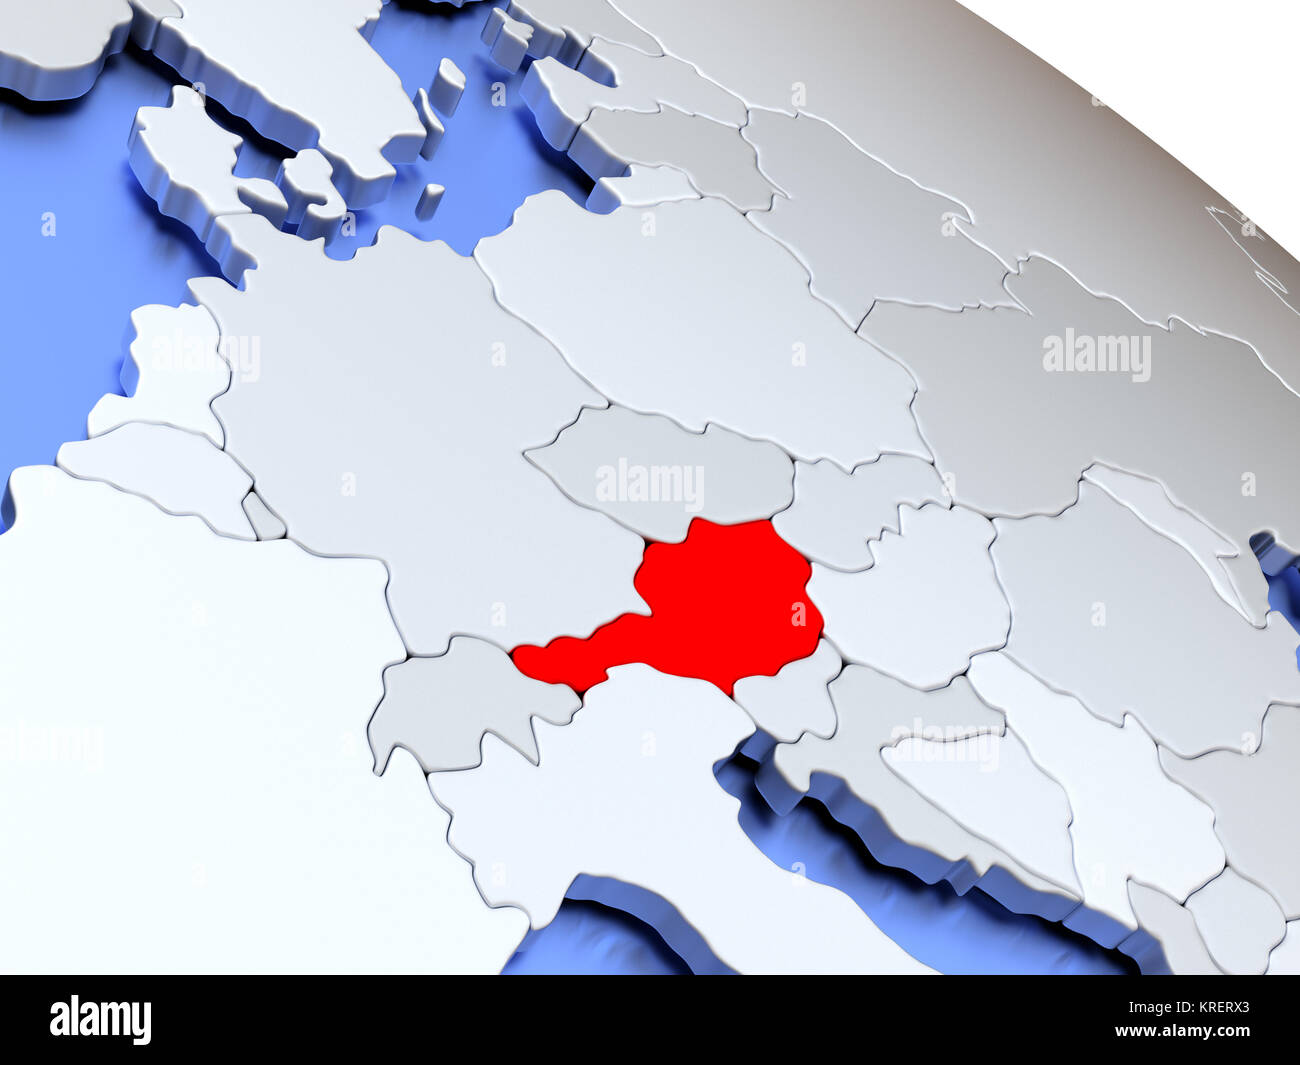 Austria Map Political Stock Photos & Austria Map Political ...